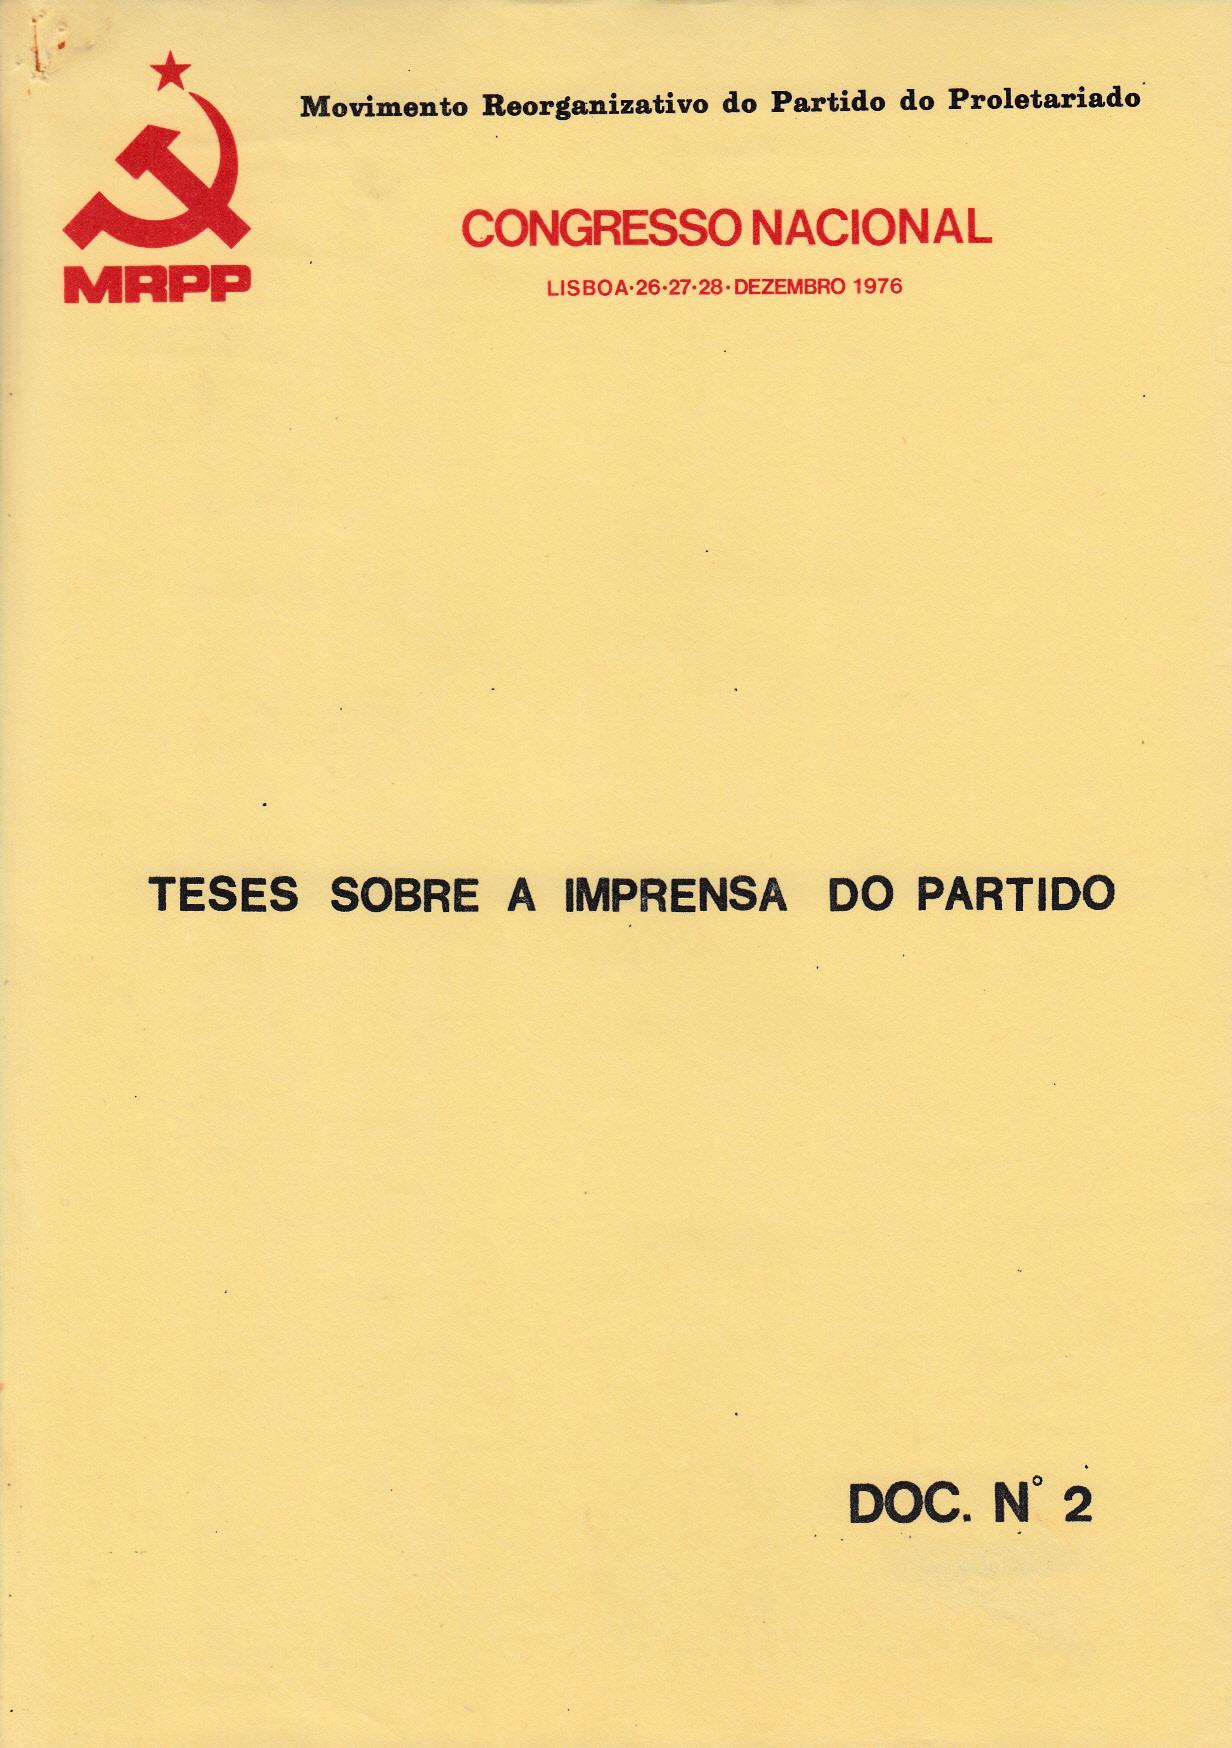 MRPP_1976_12_26_cn5